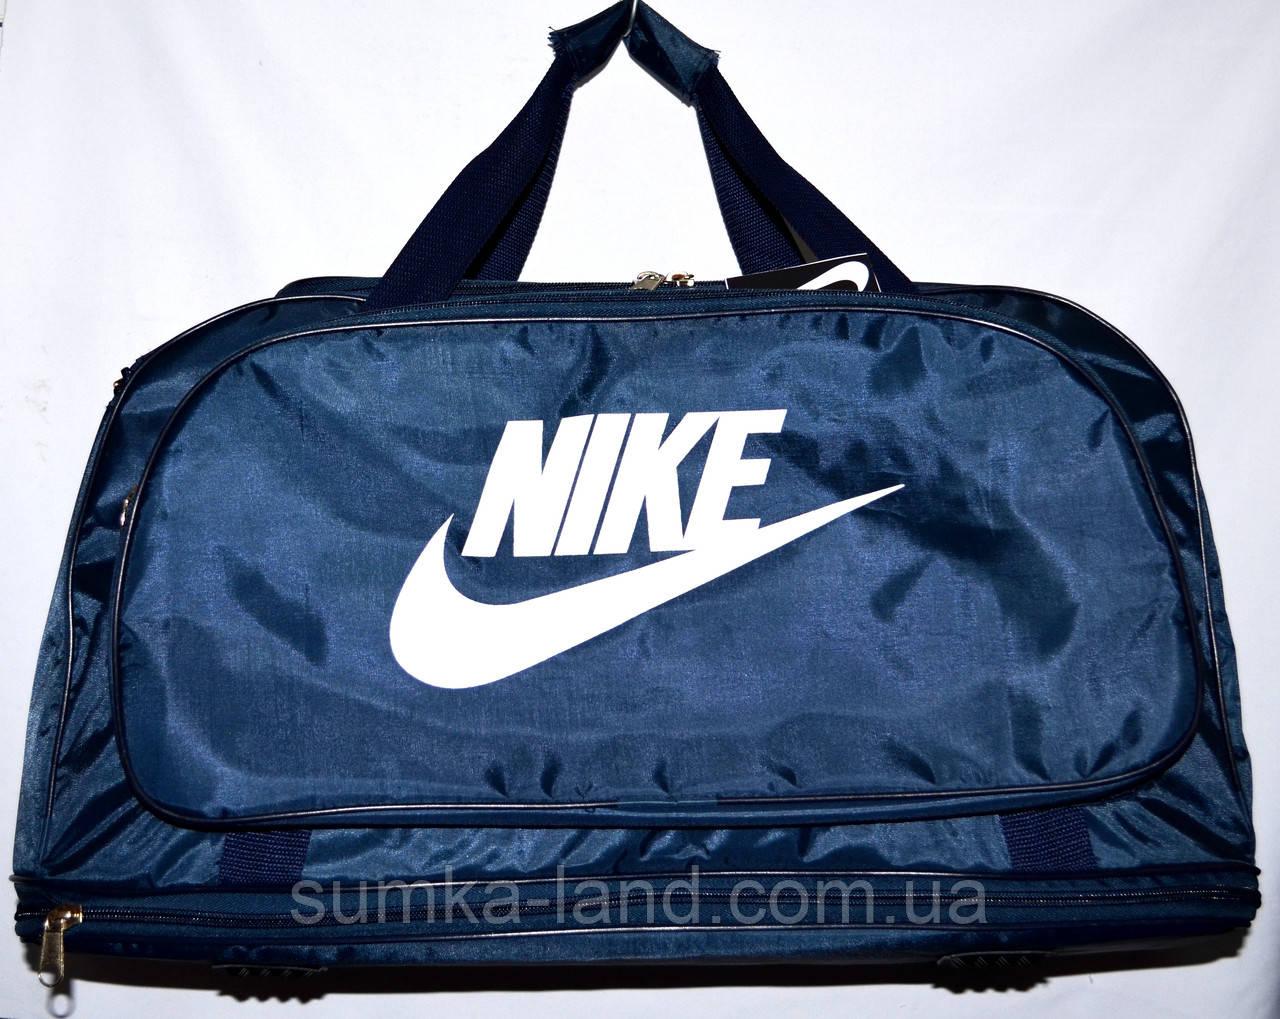 Спортивные дорожные сумки СРЕДНИЕ 53х29 (ассортимент)